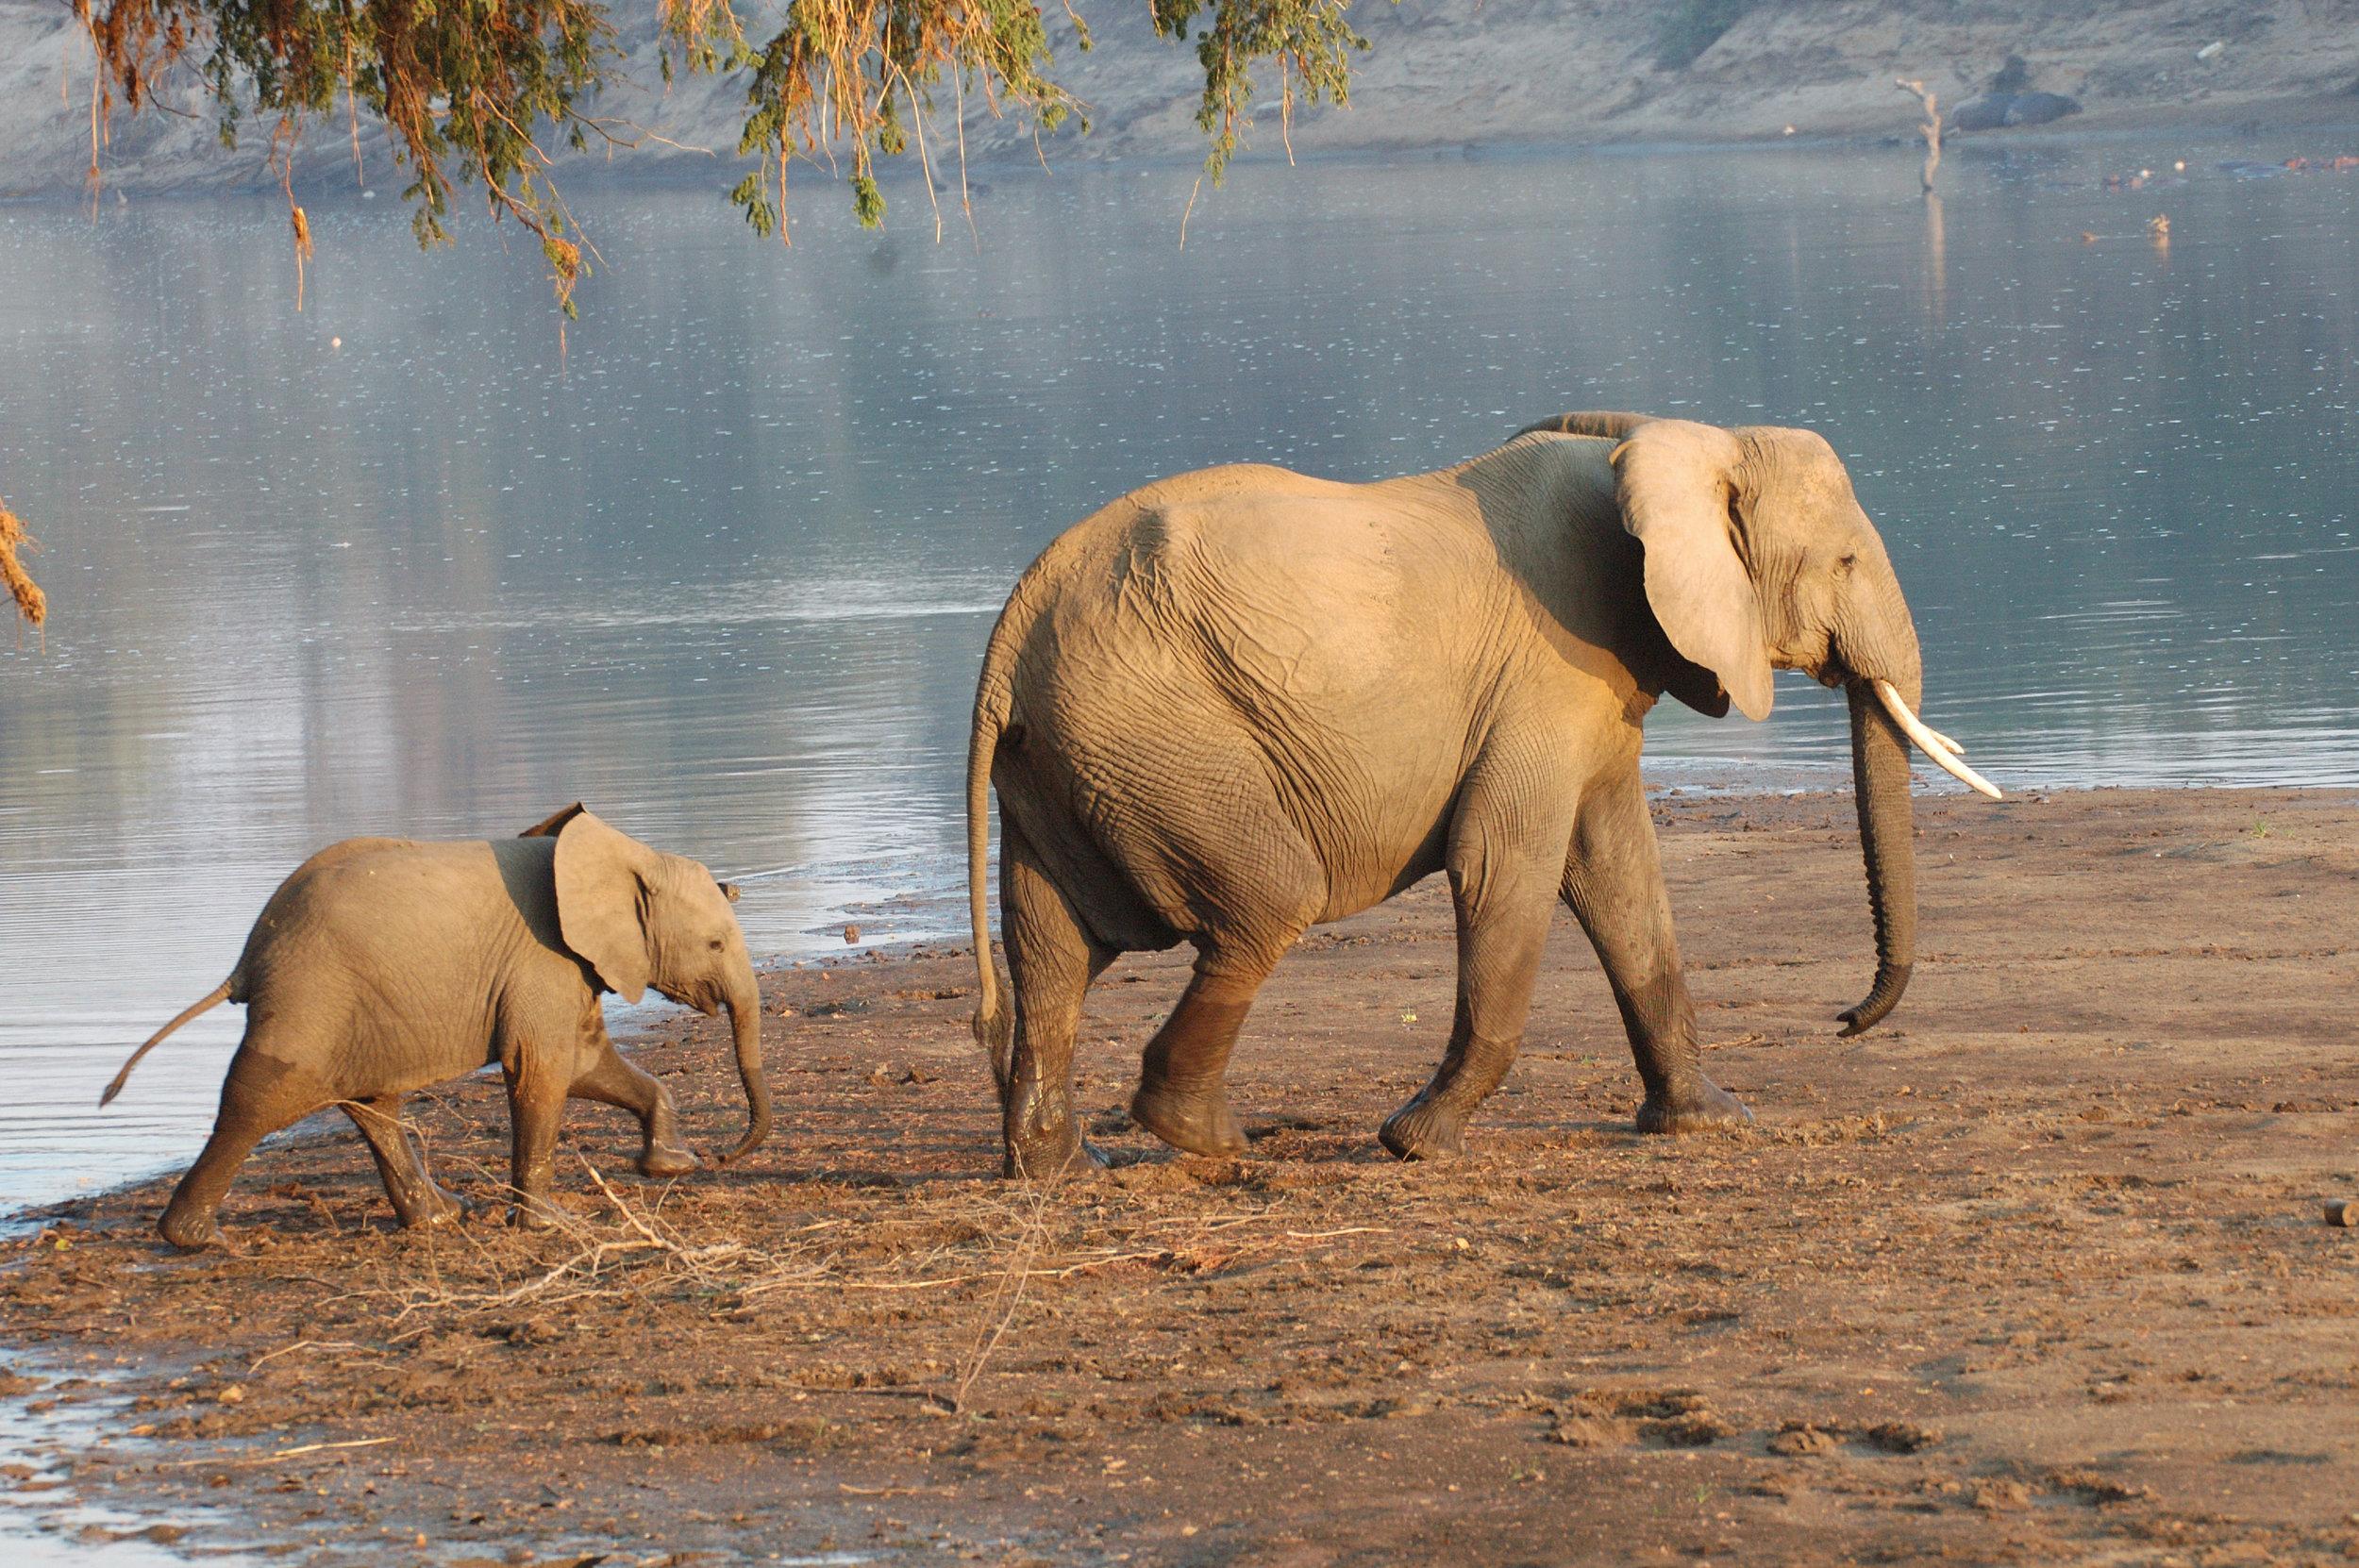 Elephants & Baby.jpg